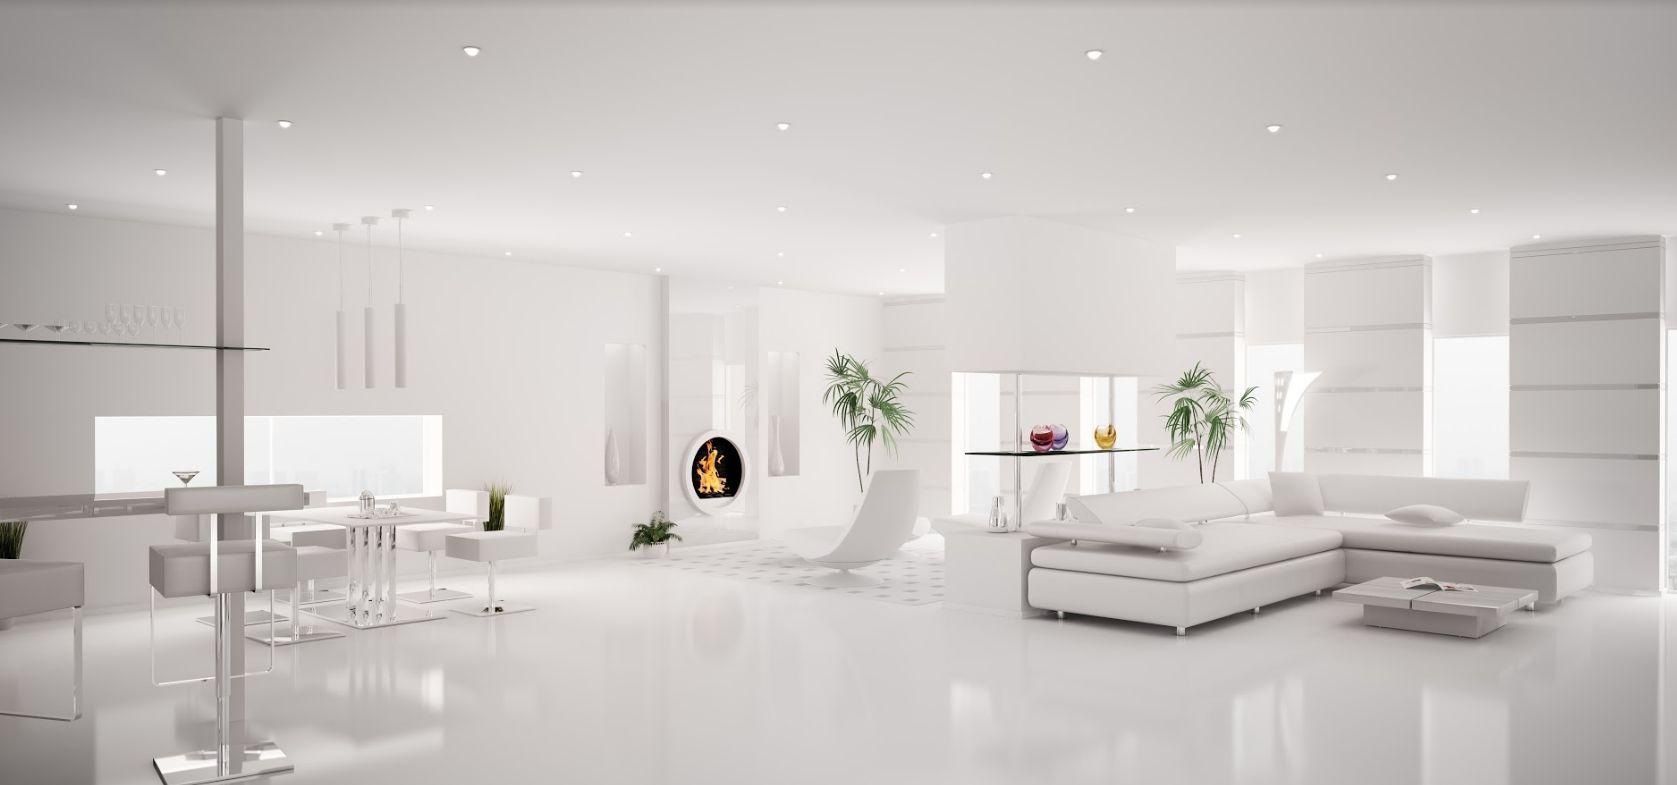 Diseño de interiores en Boadilla del Monte, Madrid